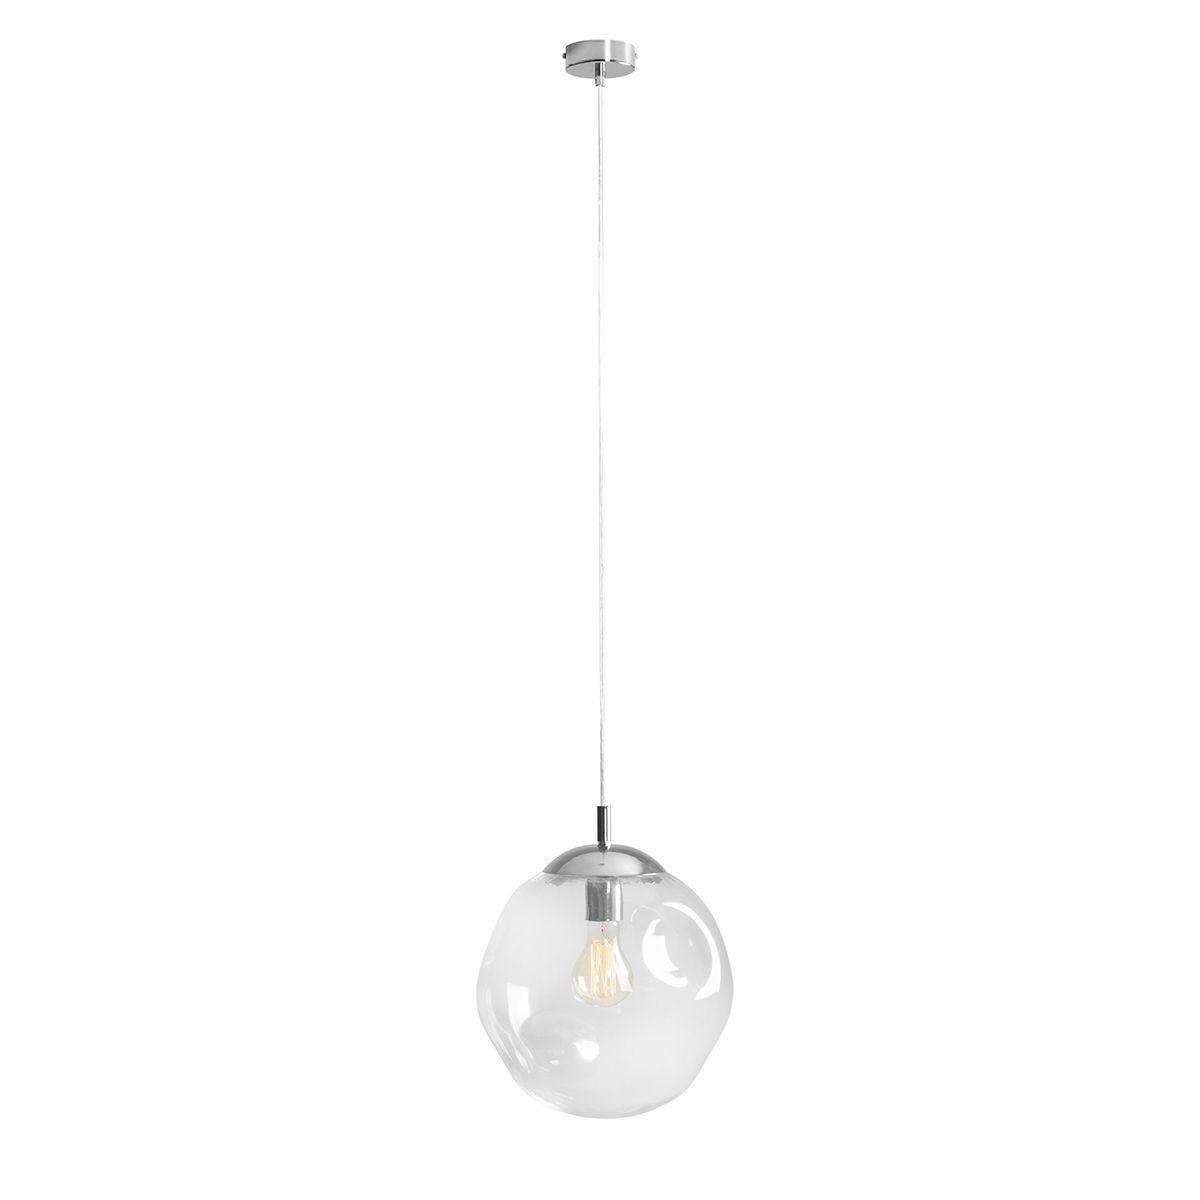 Lampa wisząca Aldex x1 Amalfi 30 cm Transparentny 1035G/M